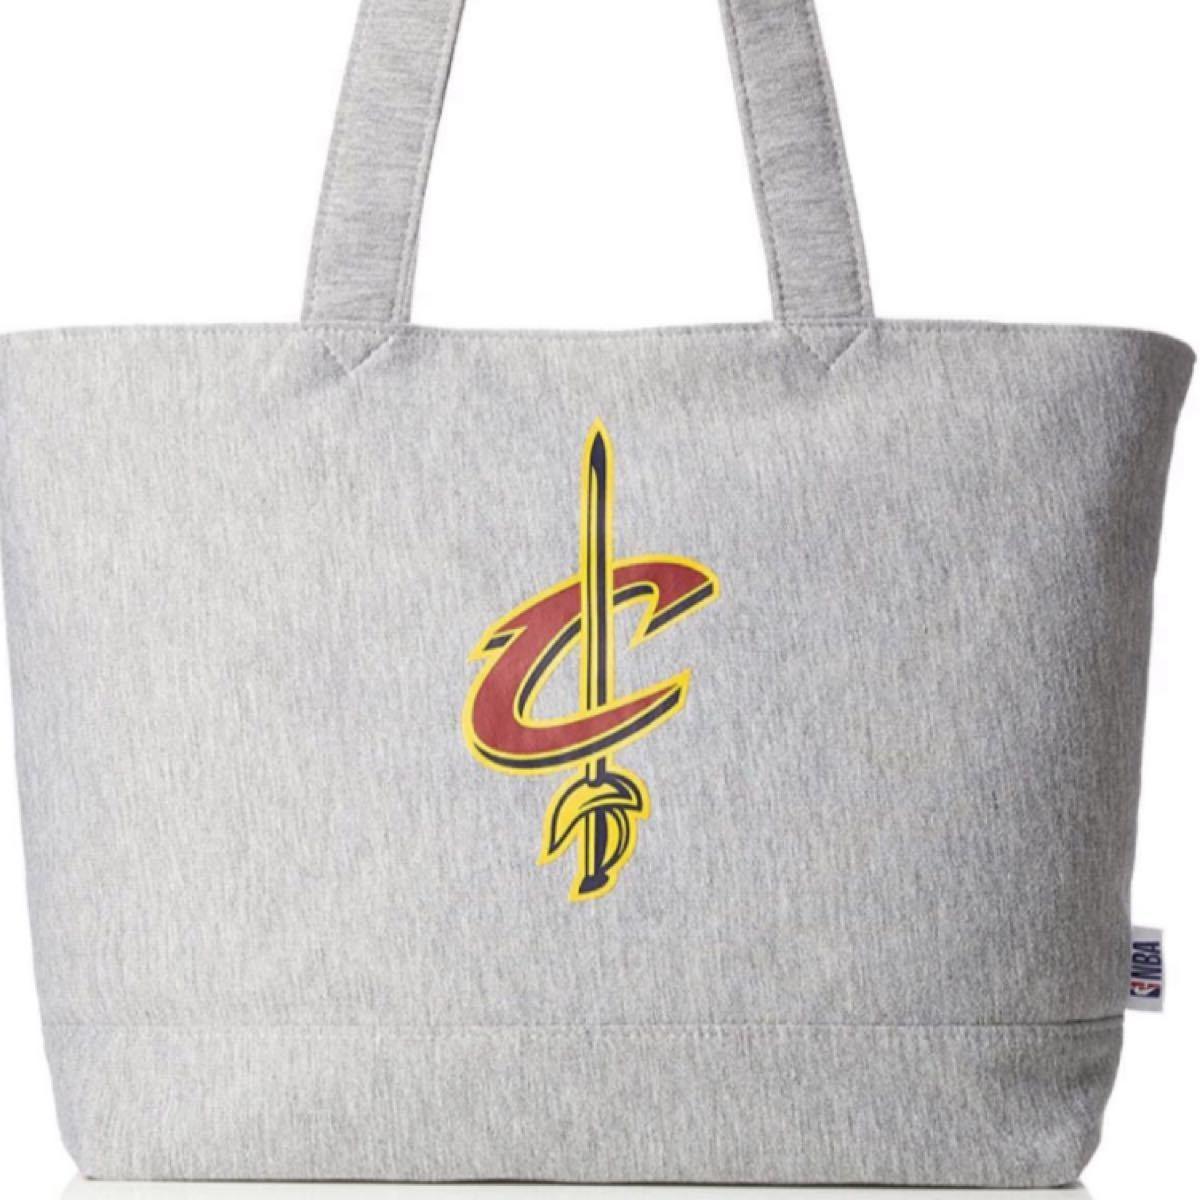 新品 未使用 NBA スウェット トートバッグ キャバリアーズ 男女兼用